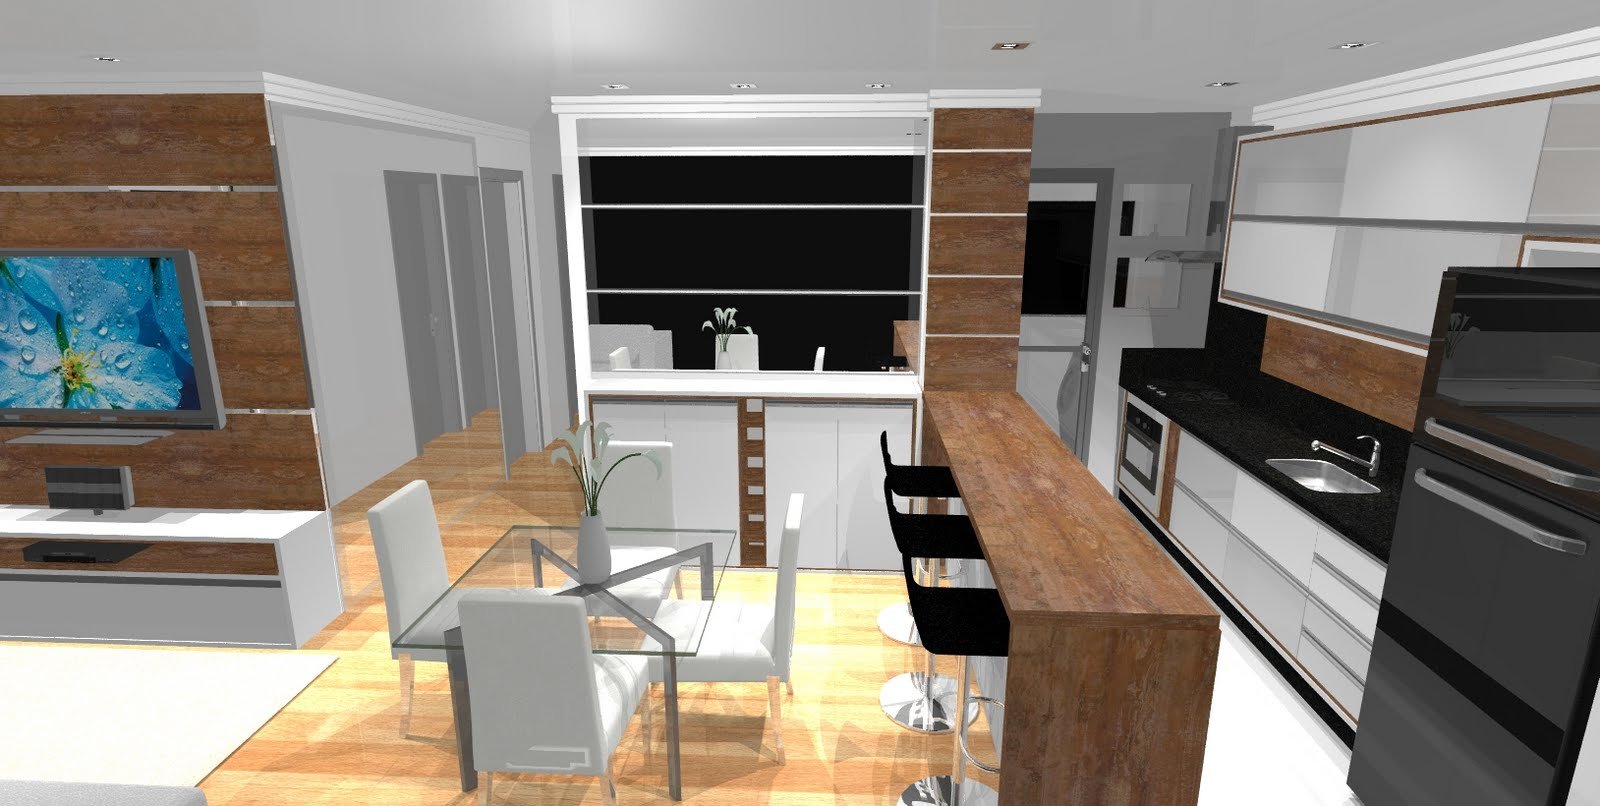 #0C456D  Planejar sonhos : Projeto APTO DE 75 M² COM COZINHA AMERICANA 1600x806 px Projetos De Cozinha Americana Planejada_5327 Imagens